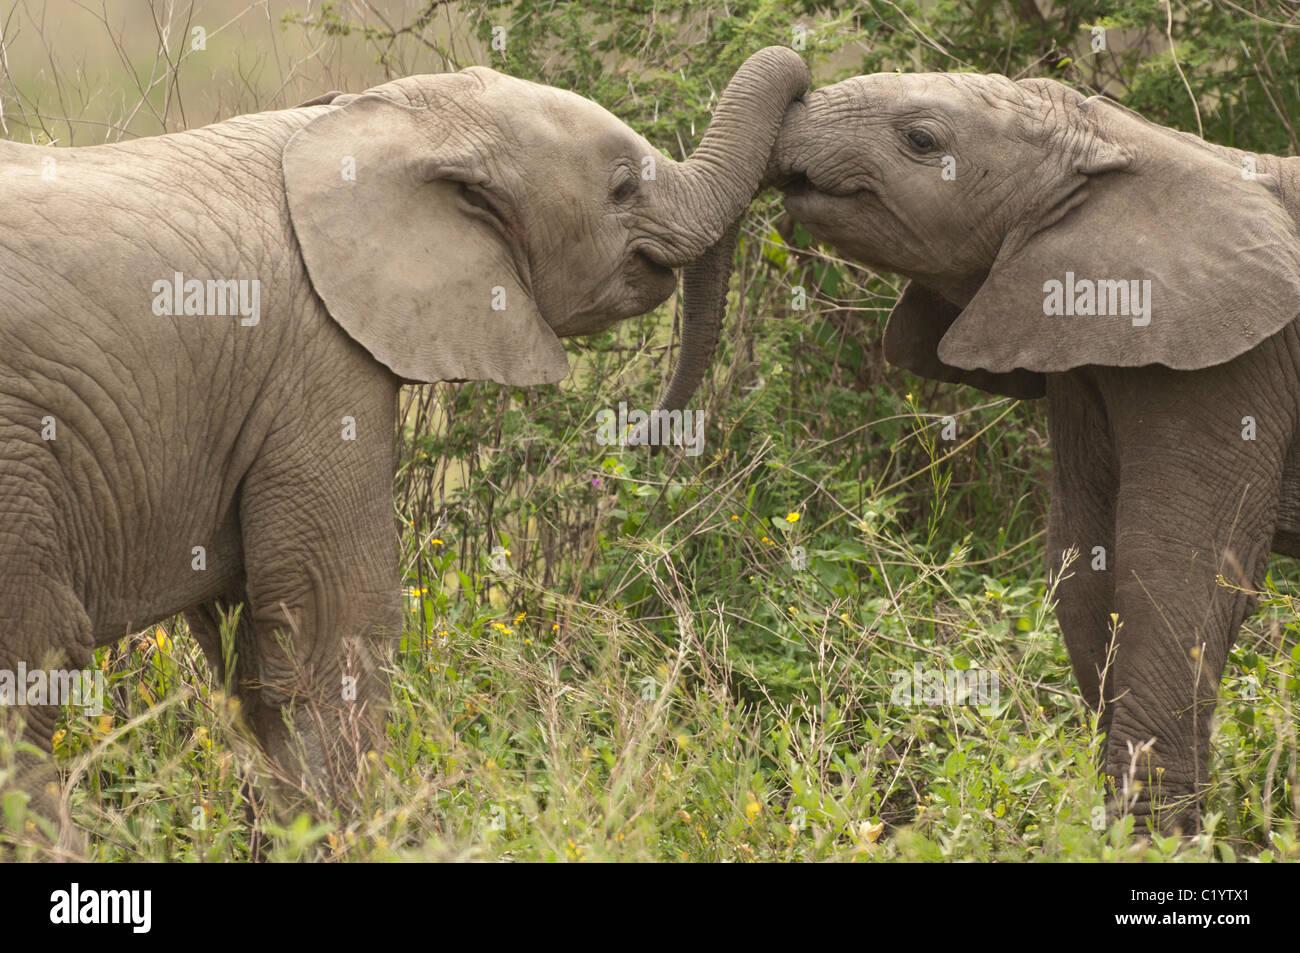 Stock photo de deux bébés éléphants jouant avec leurs troncs. Photo Stock